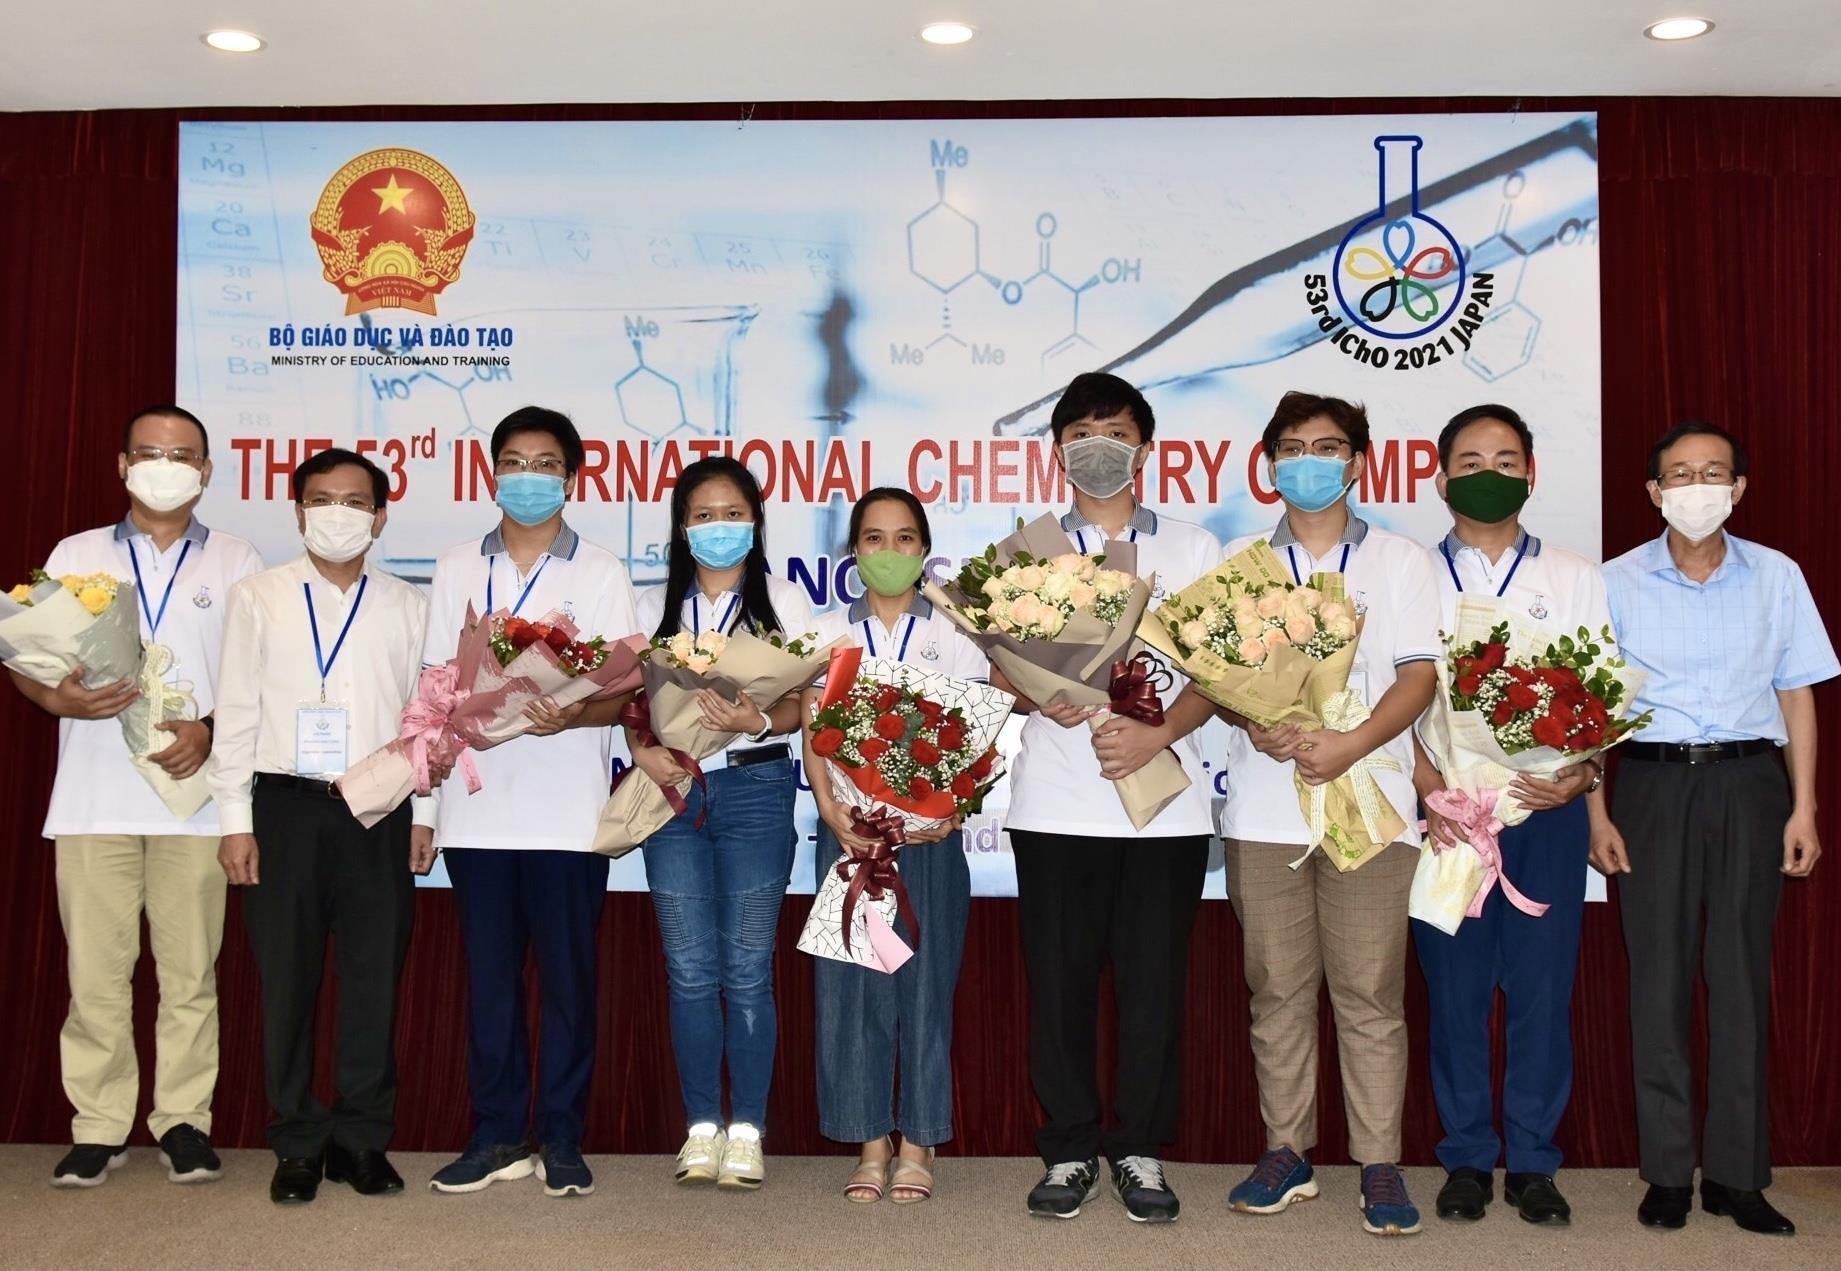 3 thí sinh Việt giành huy chương Vàng Olympic Hóa học quốc tế 2021 - 1